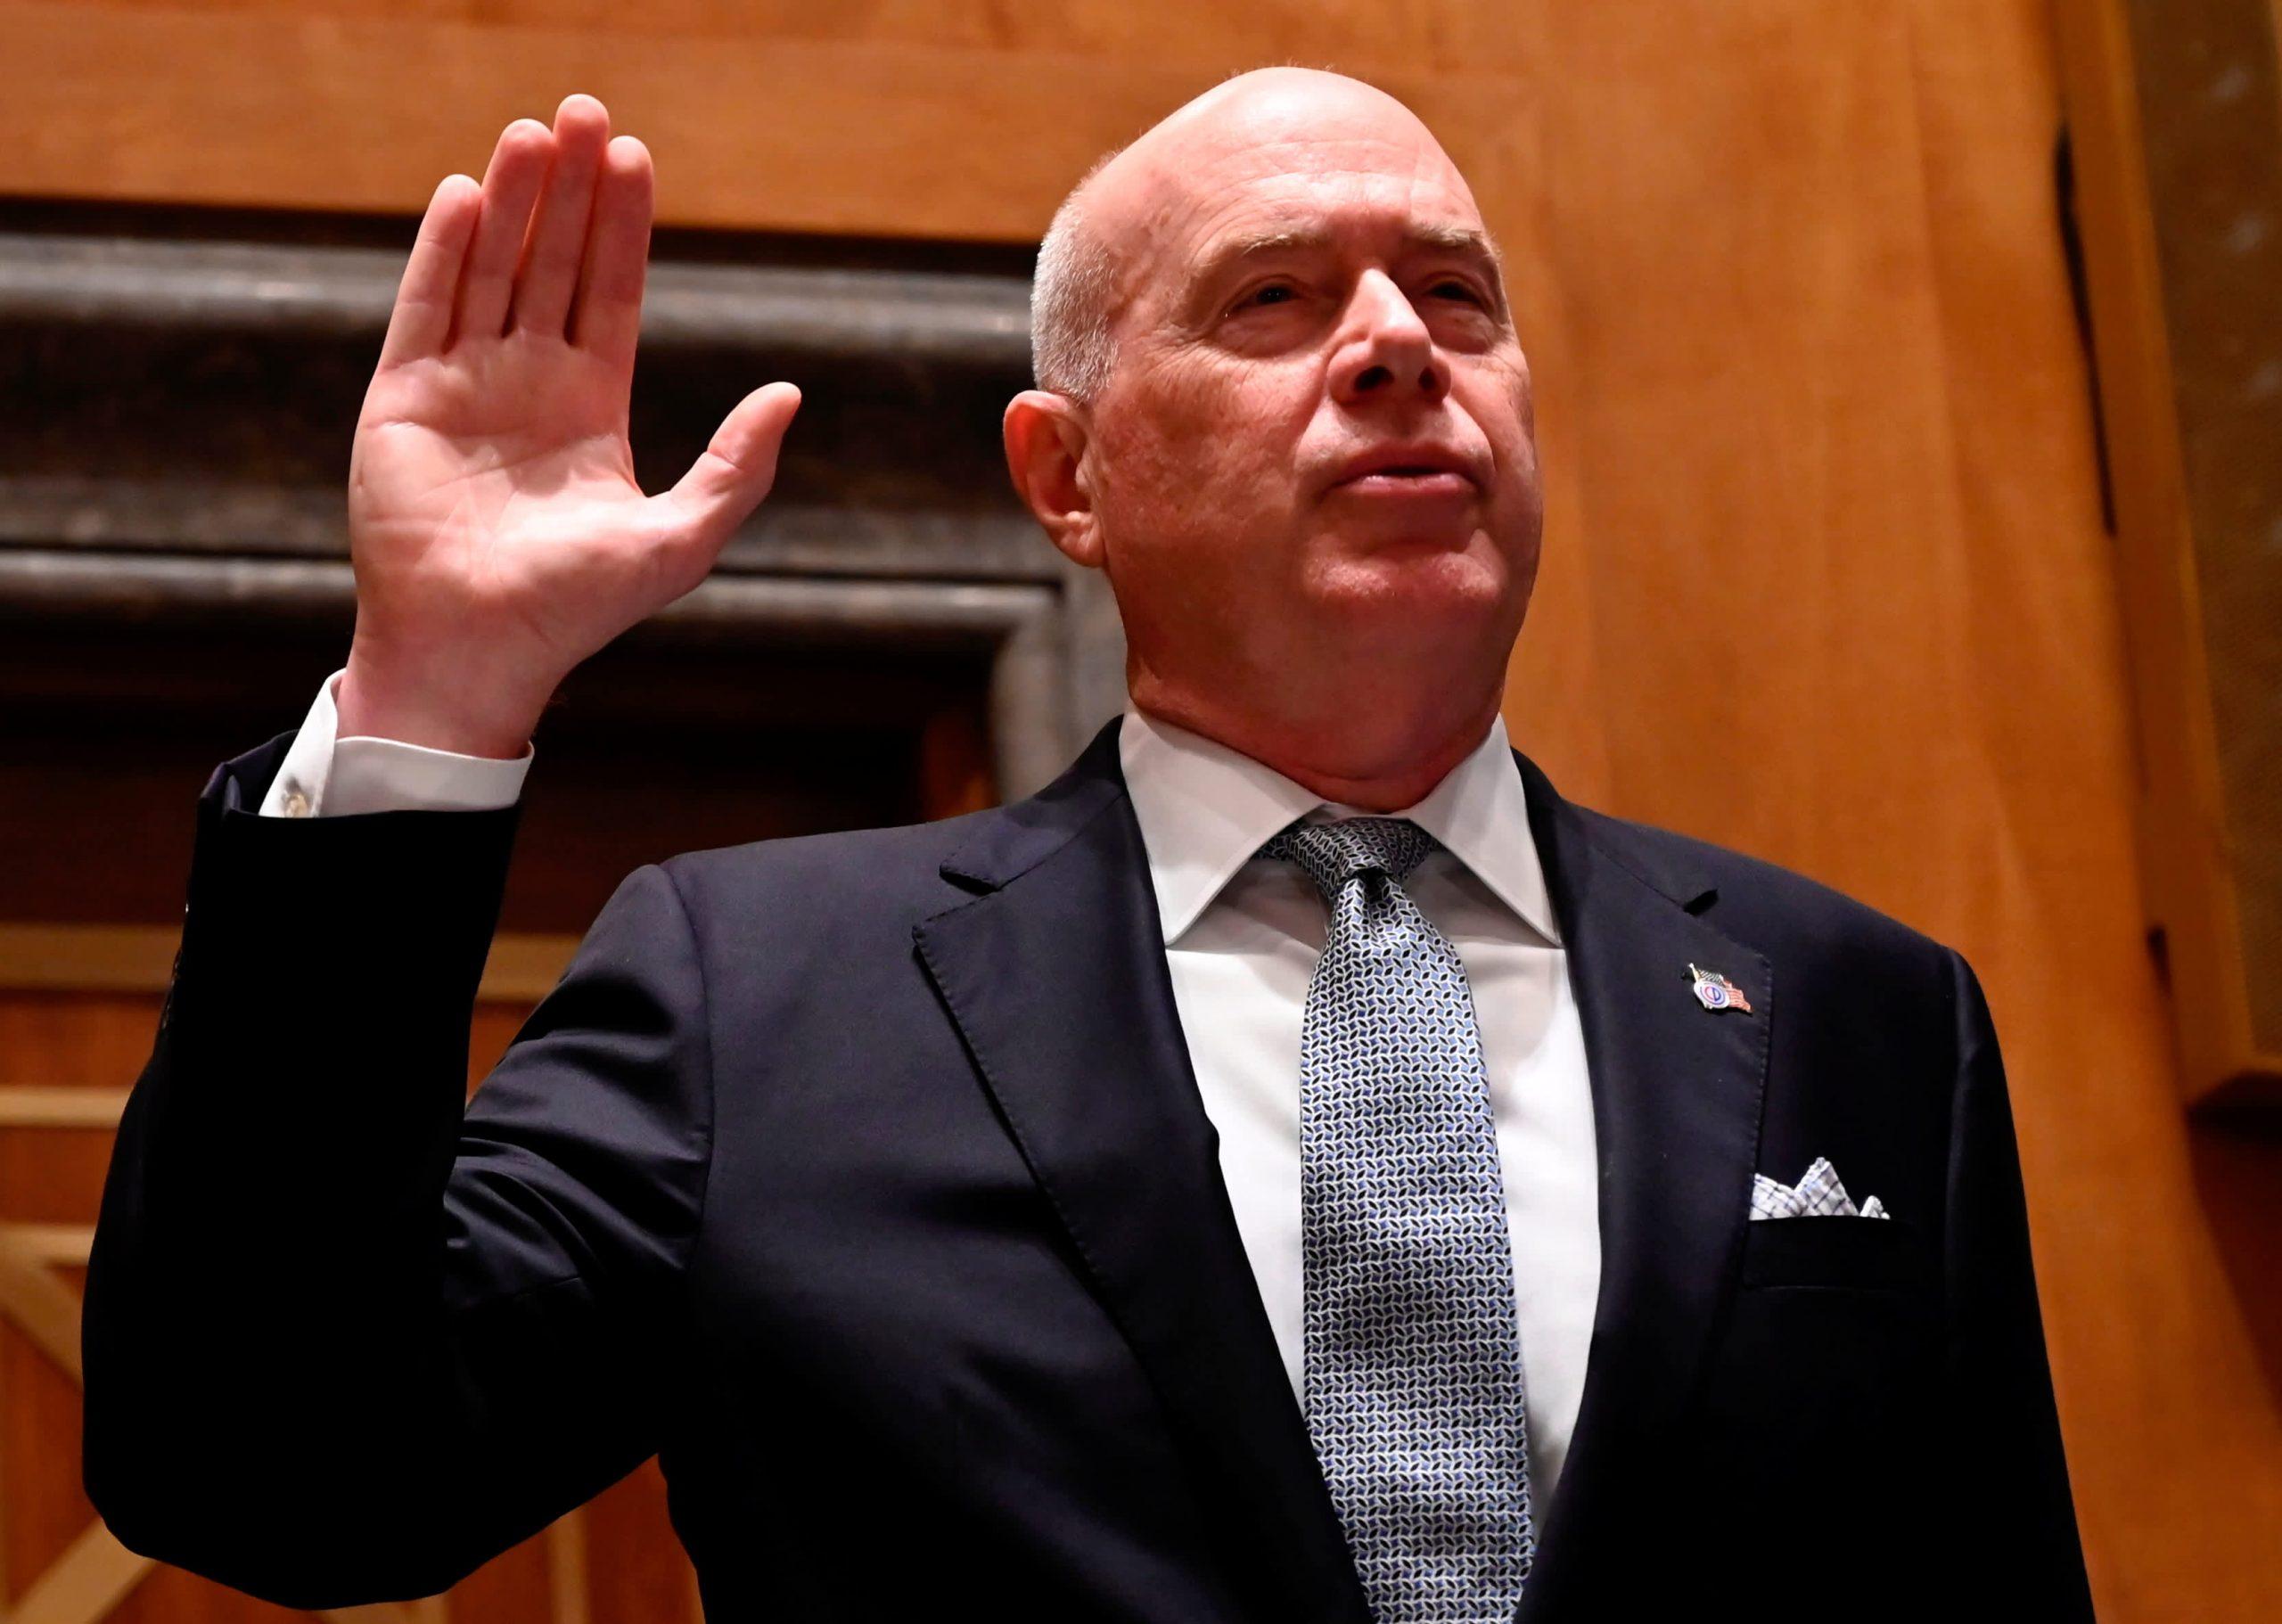 El CEO de Colonial Pipeline informa a los senadores sobre las primeras horas del ataque de ransomware